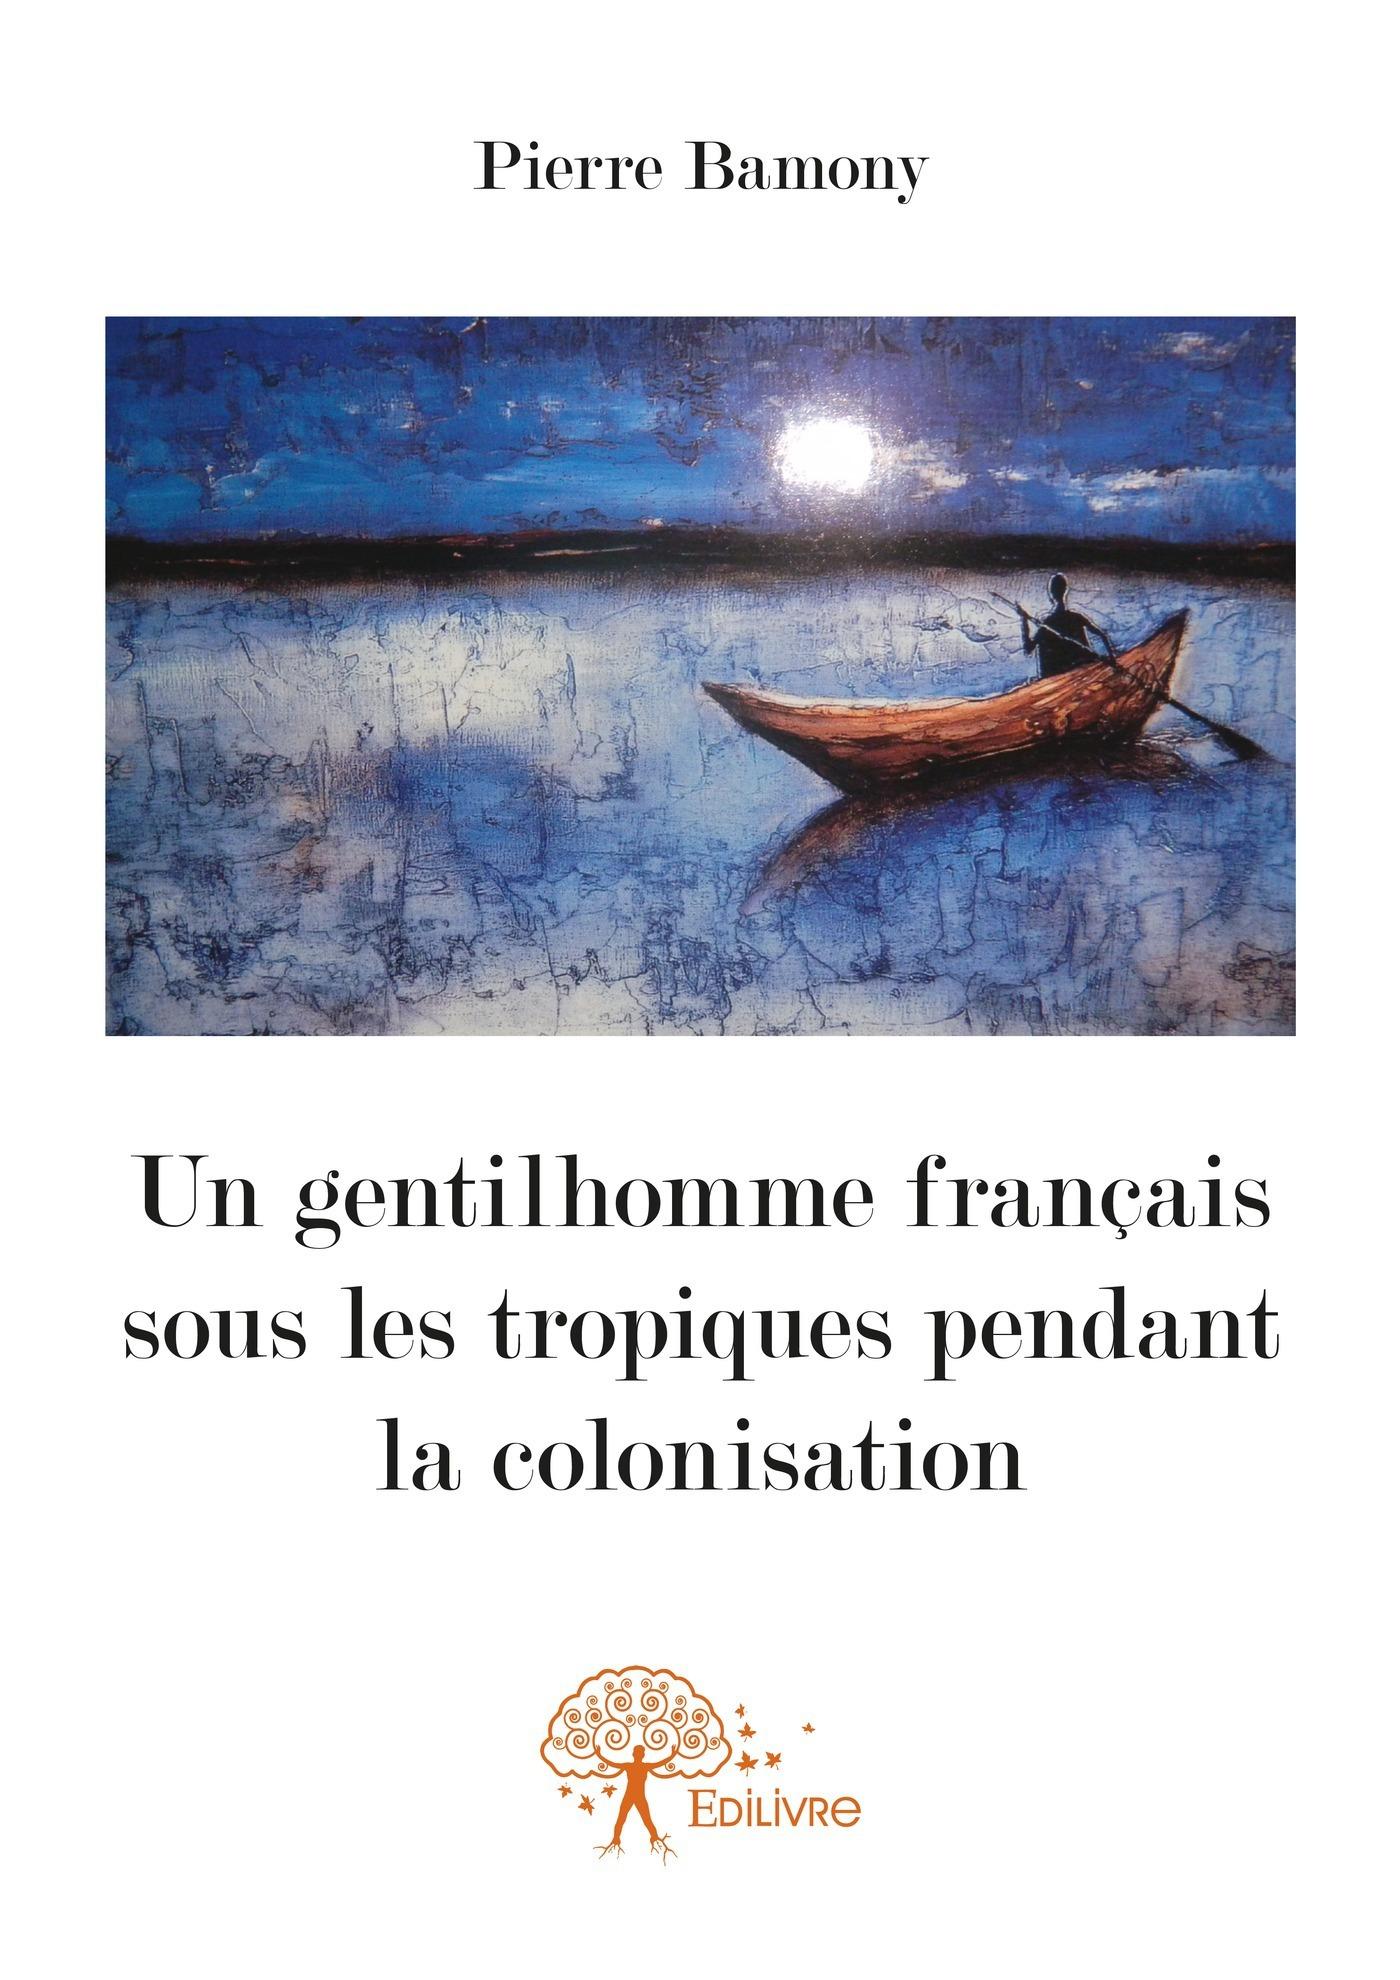 Un gentilhomme français sous les tropiques pendant la colonisation  - Pierre Bamony